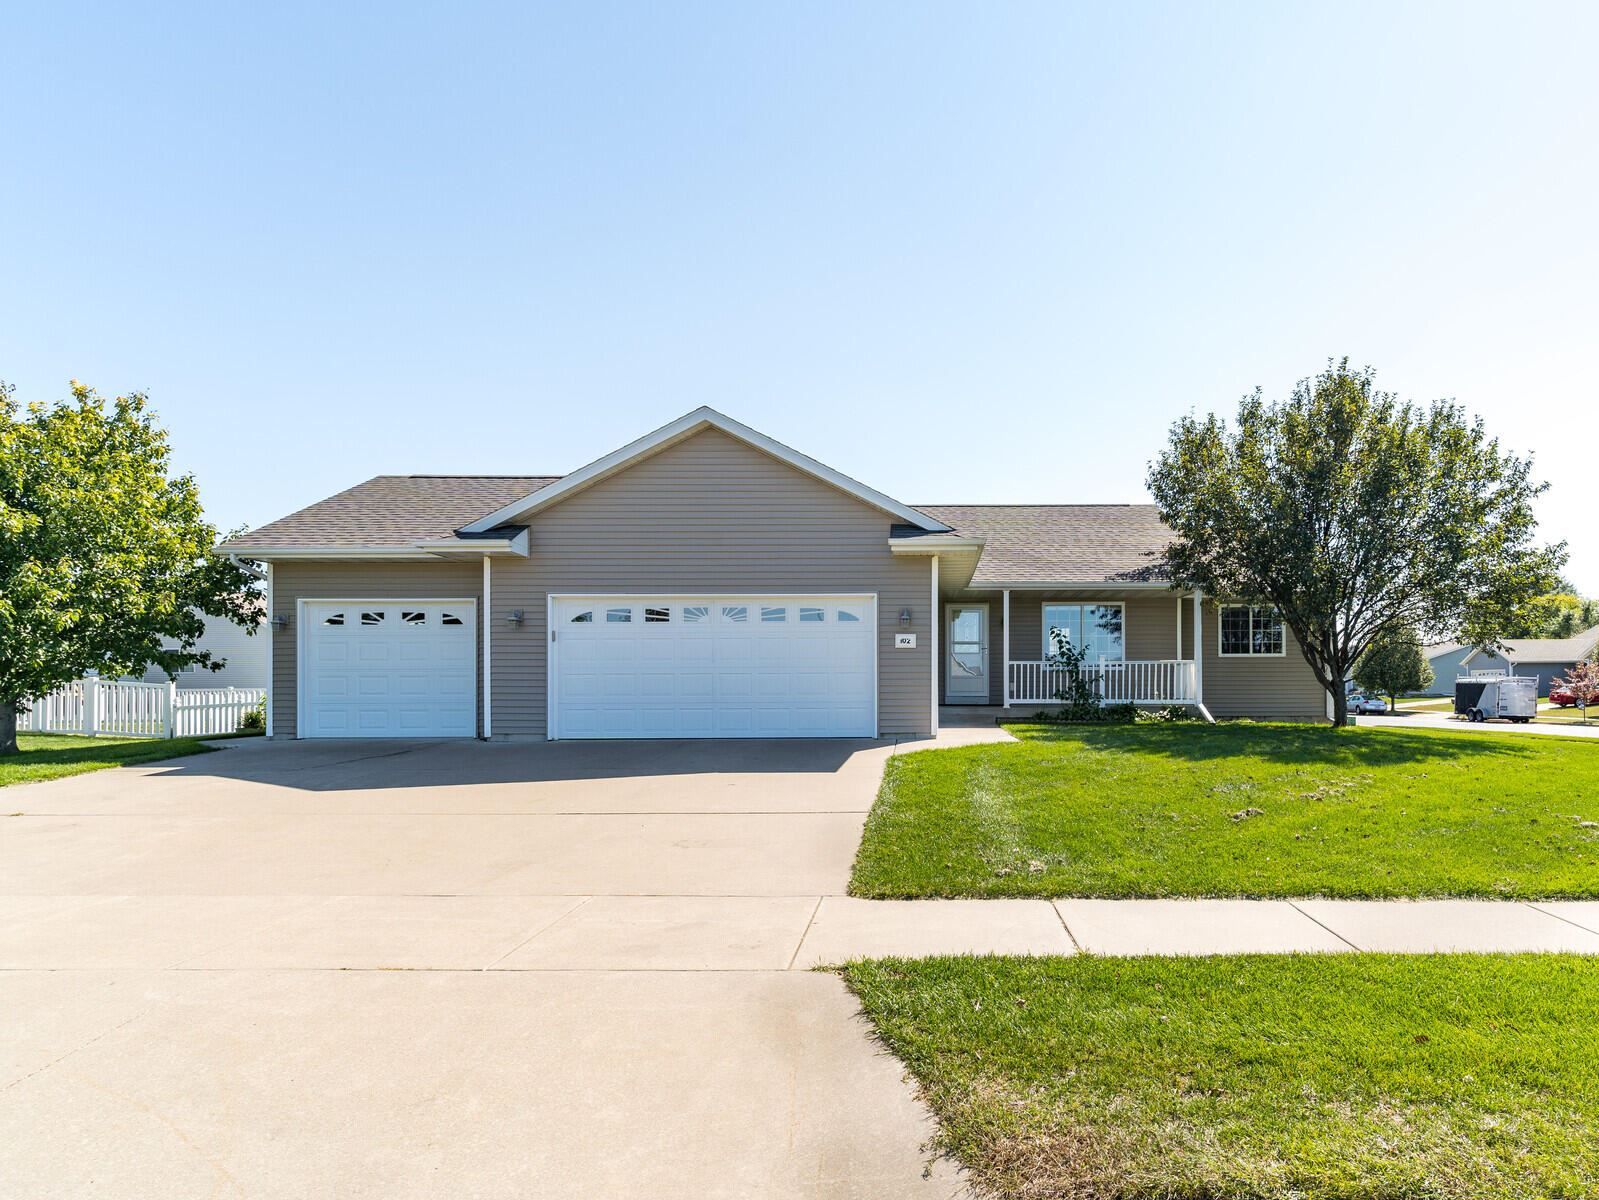 102 Grant ST, Holmen, WI 54636 - MLS#: 1764190